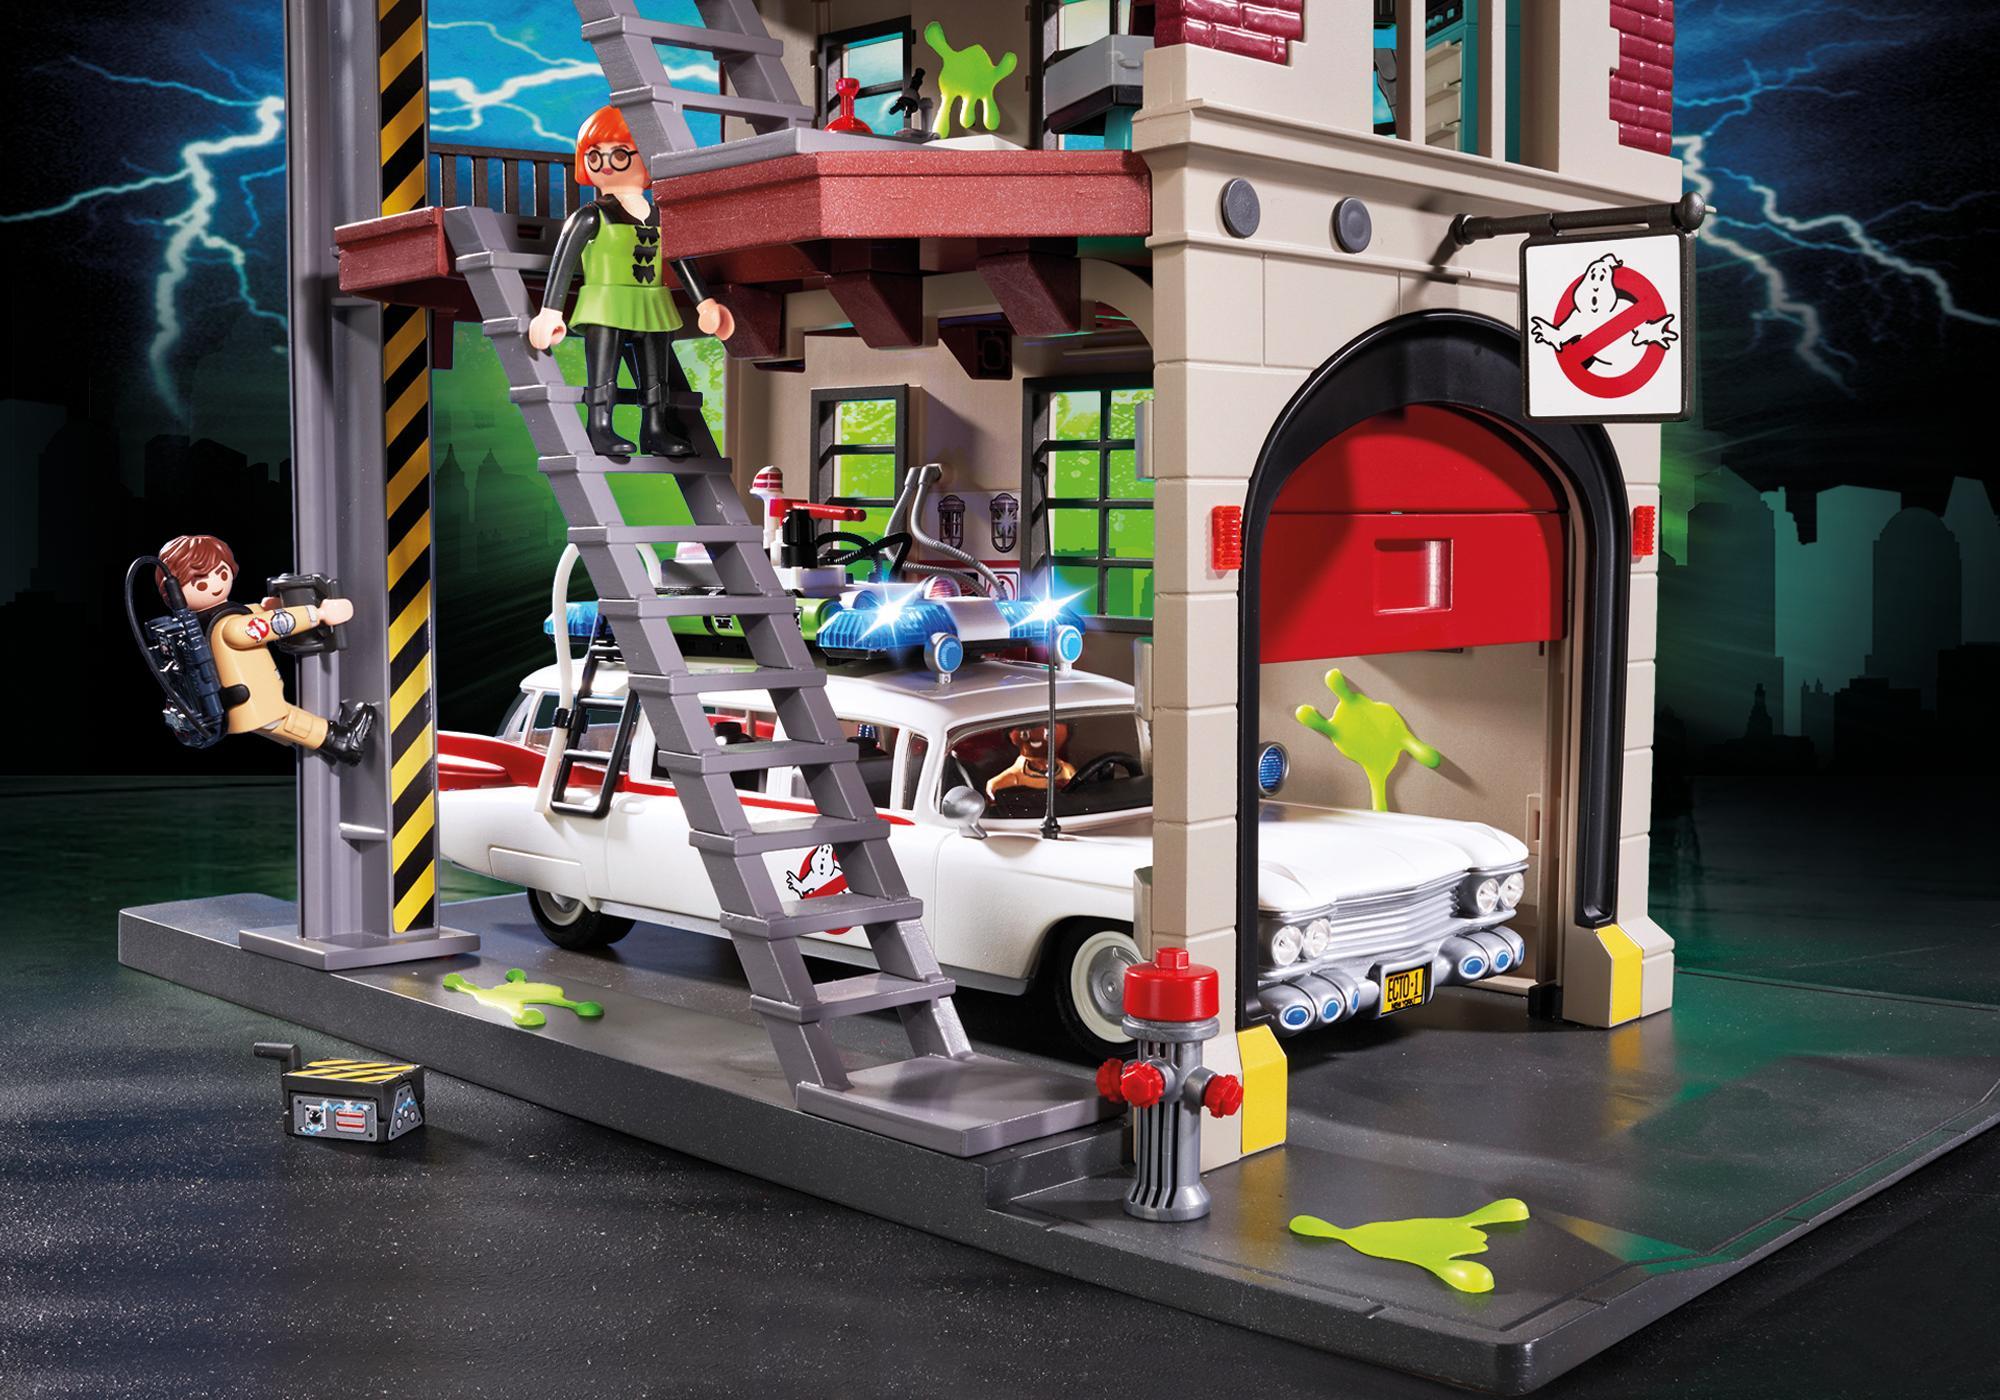 http://media.playmobil.com/i/playmobil/9219_product_extra2/Quartier Général Ghostbusters